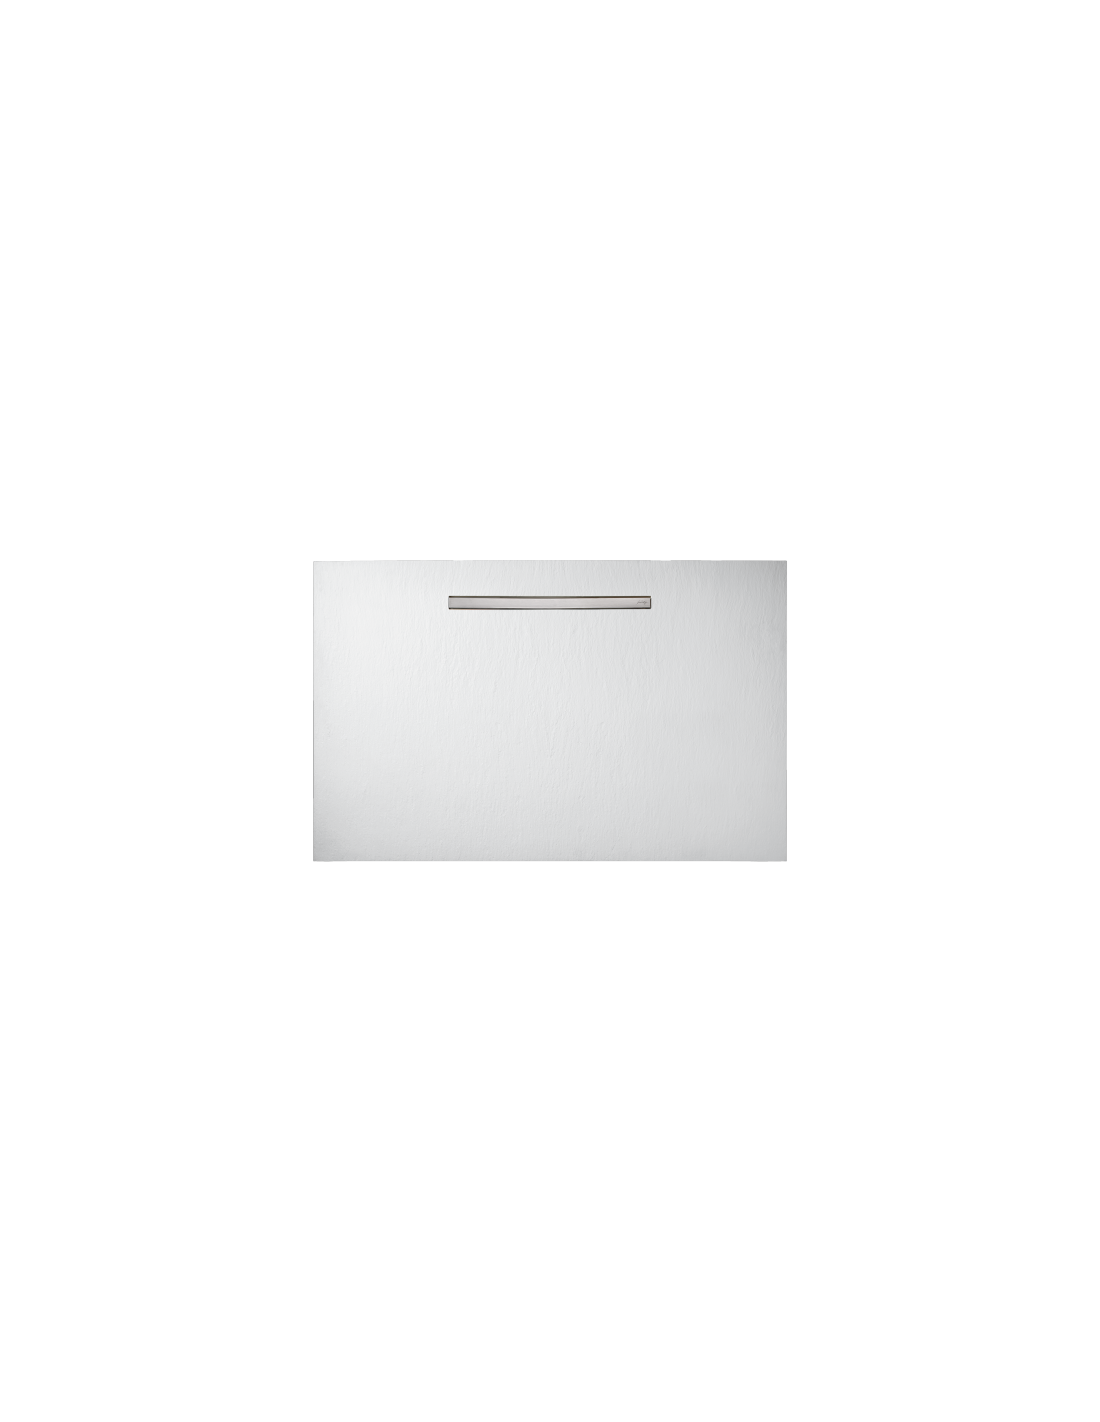 Plan De Travail Neoquartz receveur surface en neoquartz jacob delafon